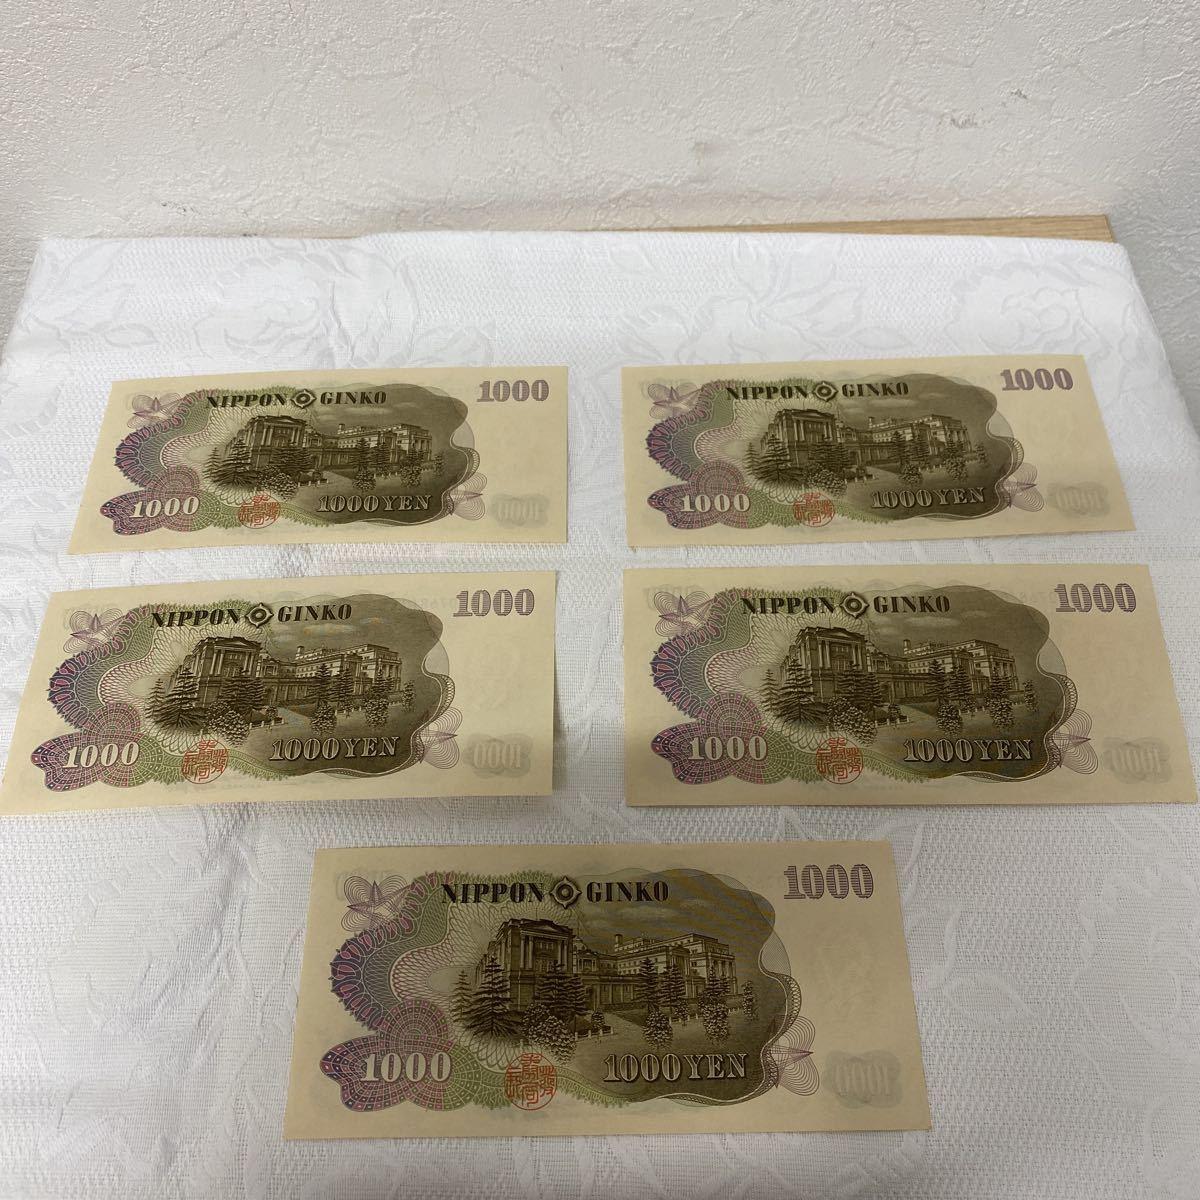 旧紙幣 千円札 伊藤博文 連番 ピン札_画像7